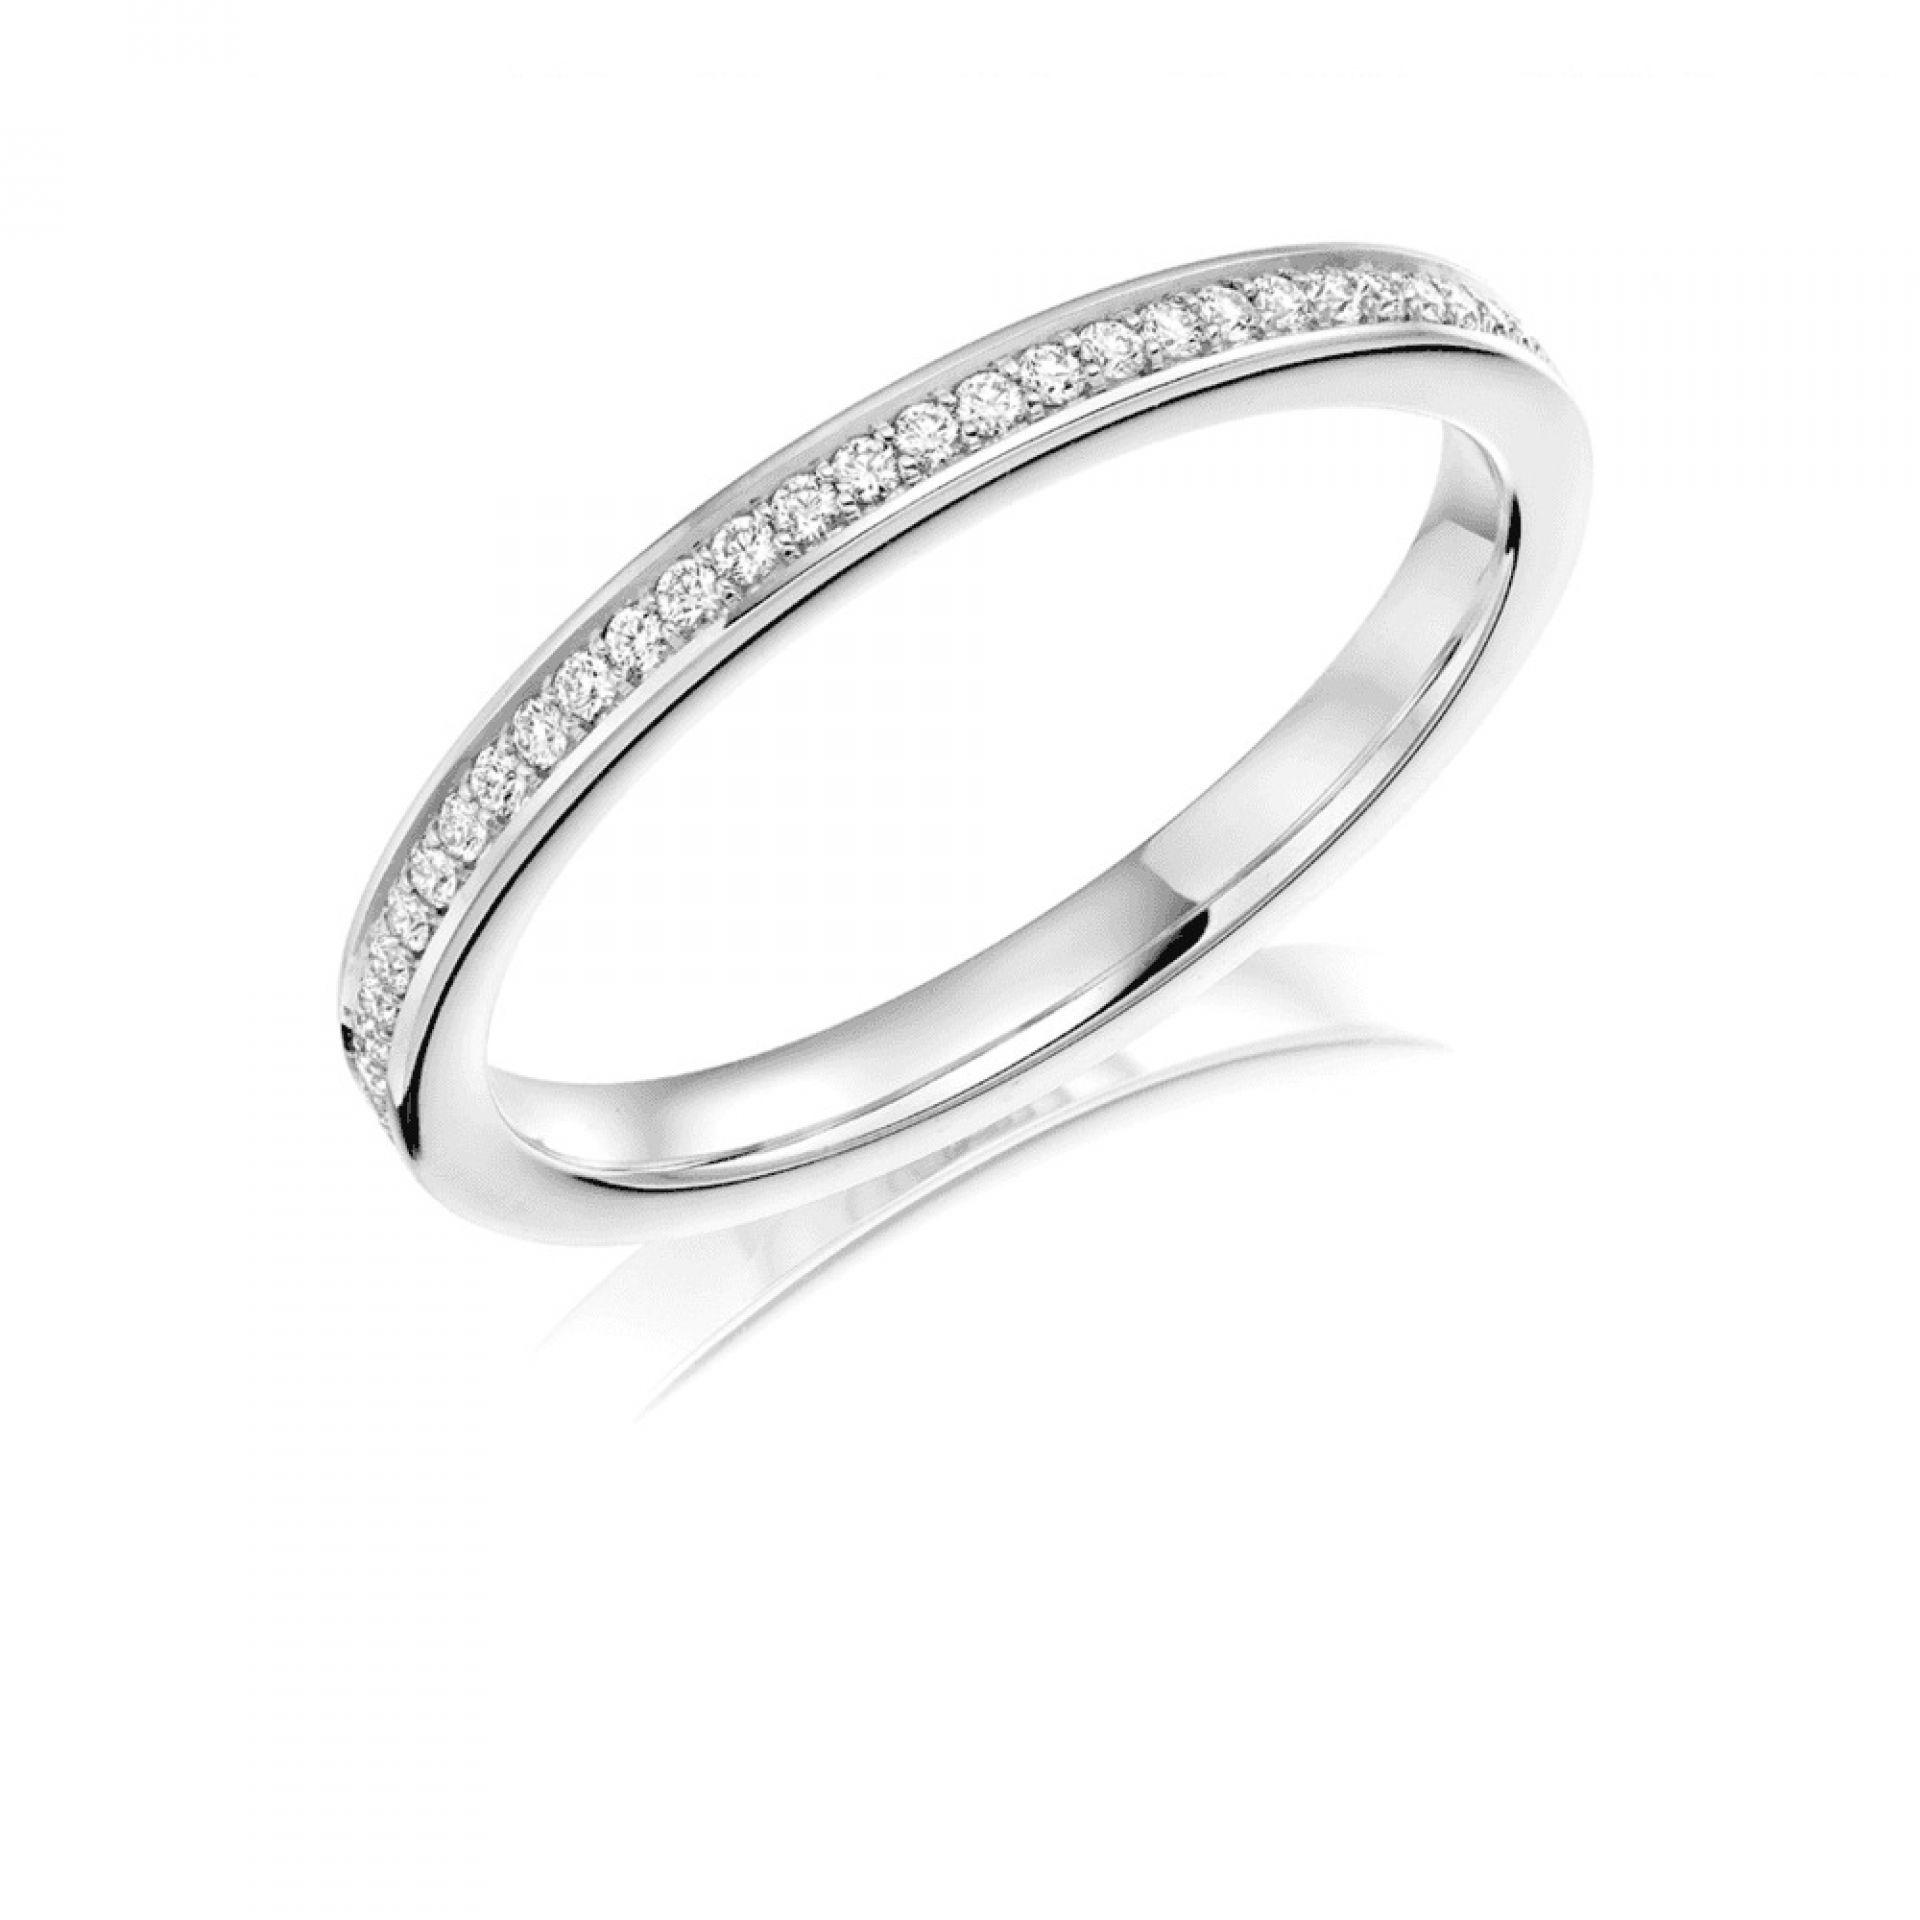 CHANNEL SET BRILLIANT CUT DIAMOND WEDDING RING